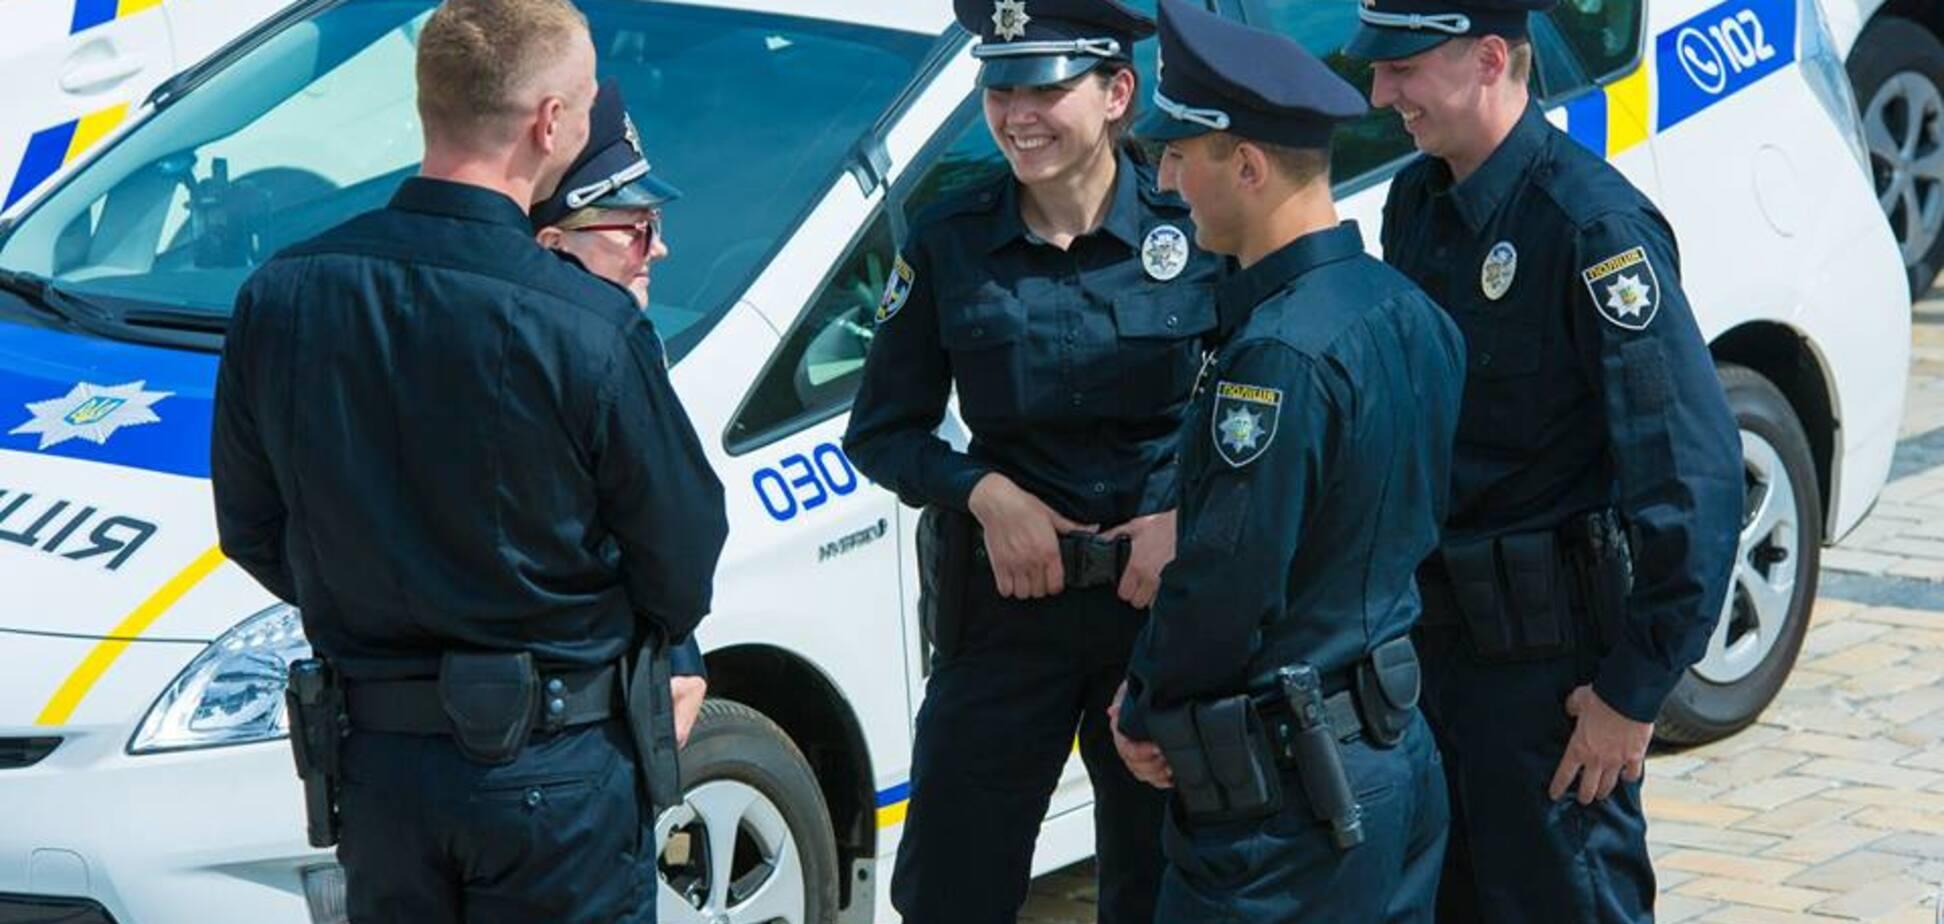 Хуже гаишников: киевский депутат обрушился на новую полицию